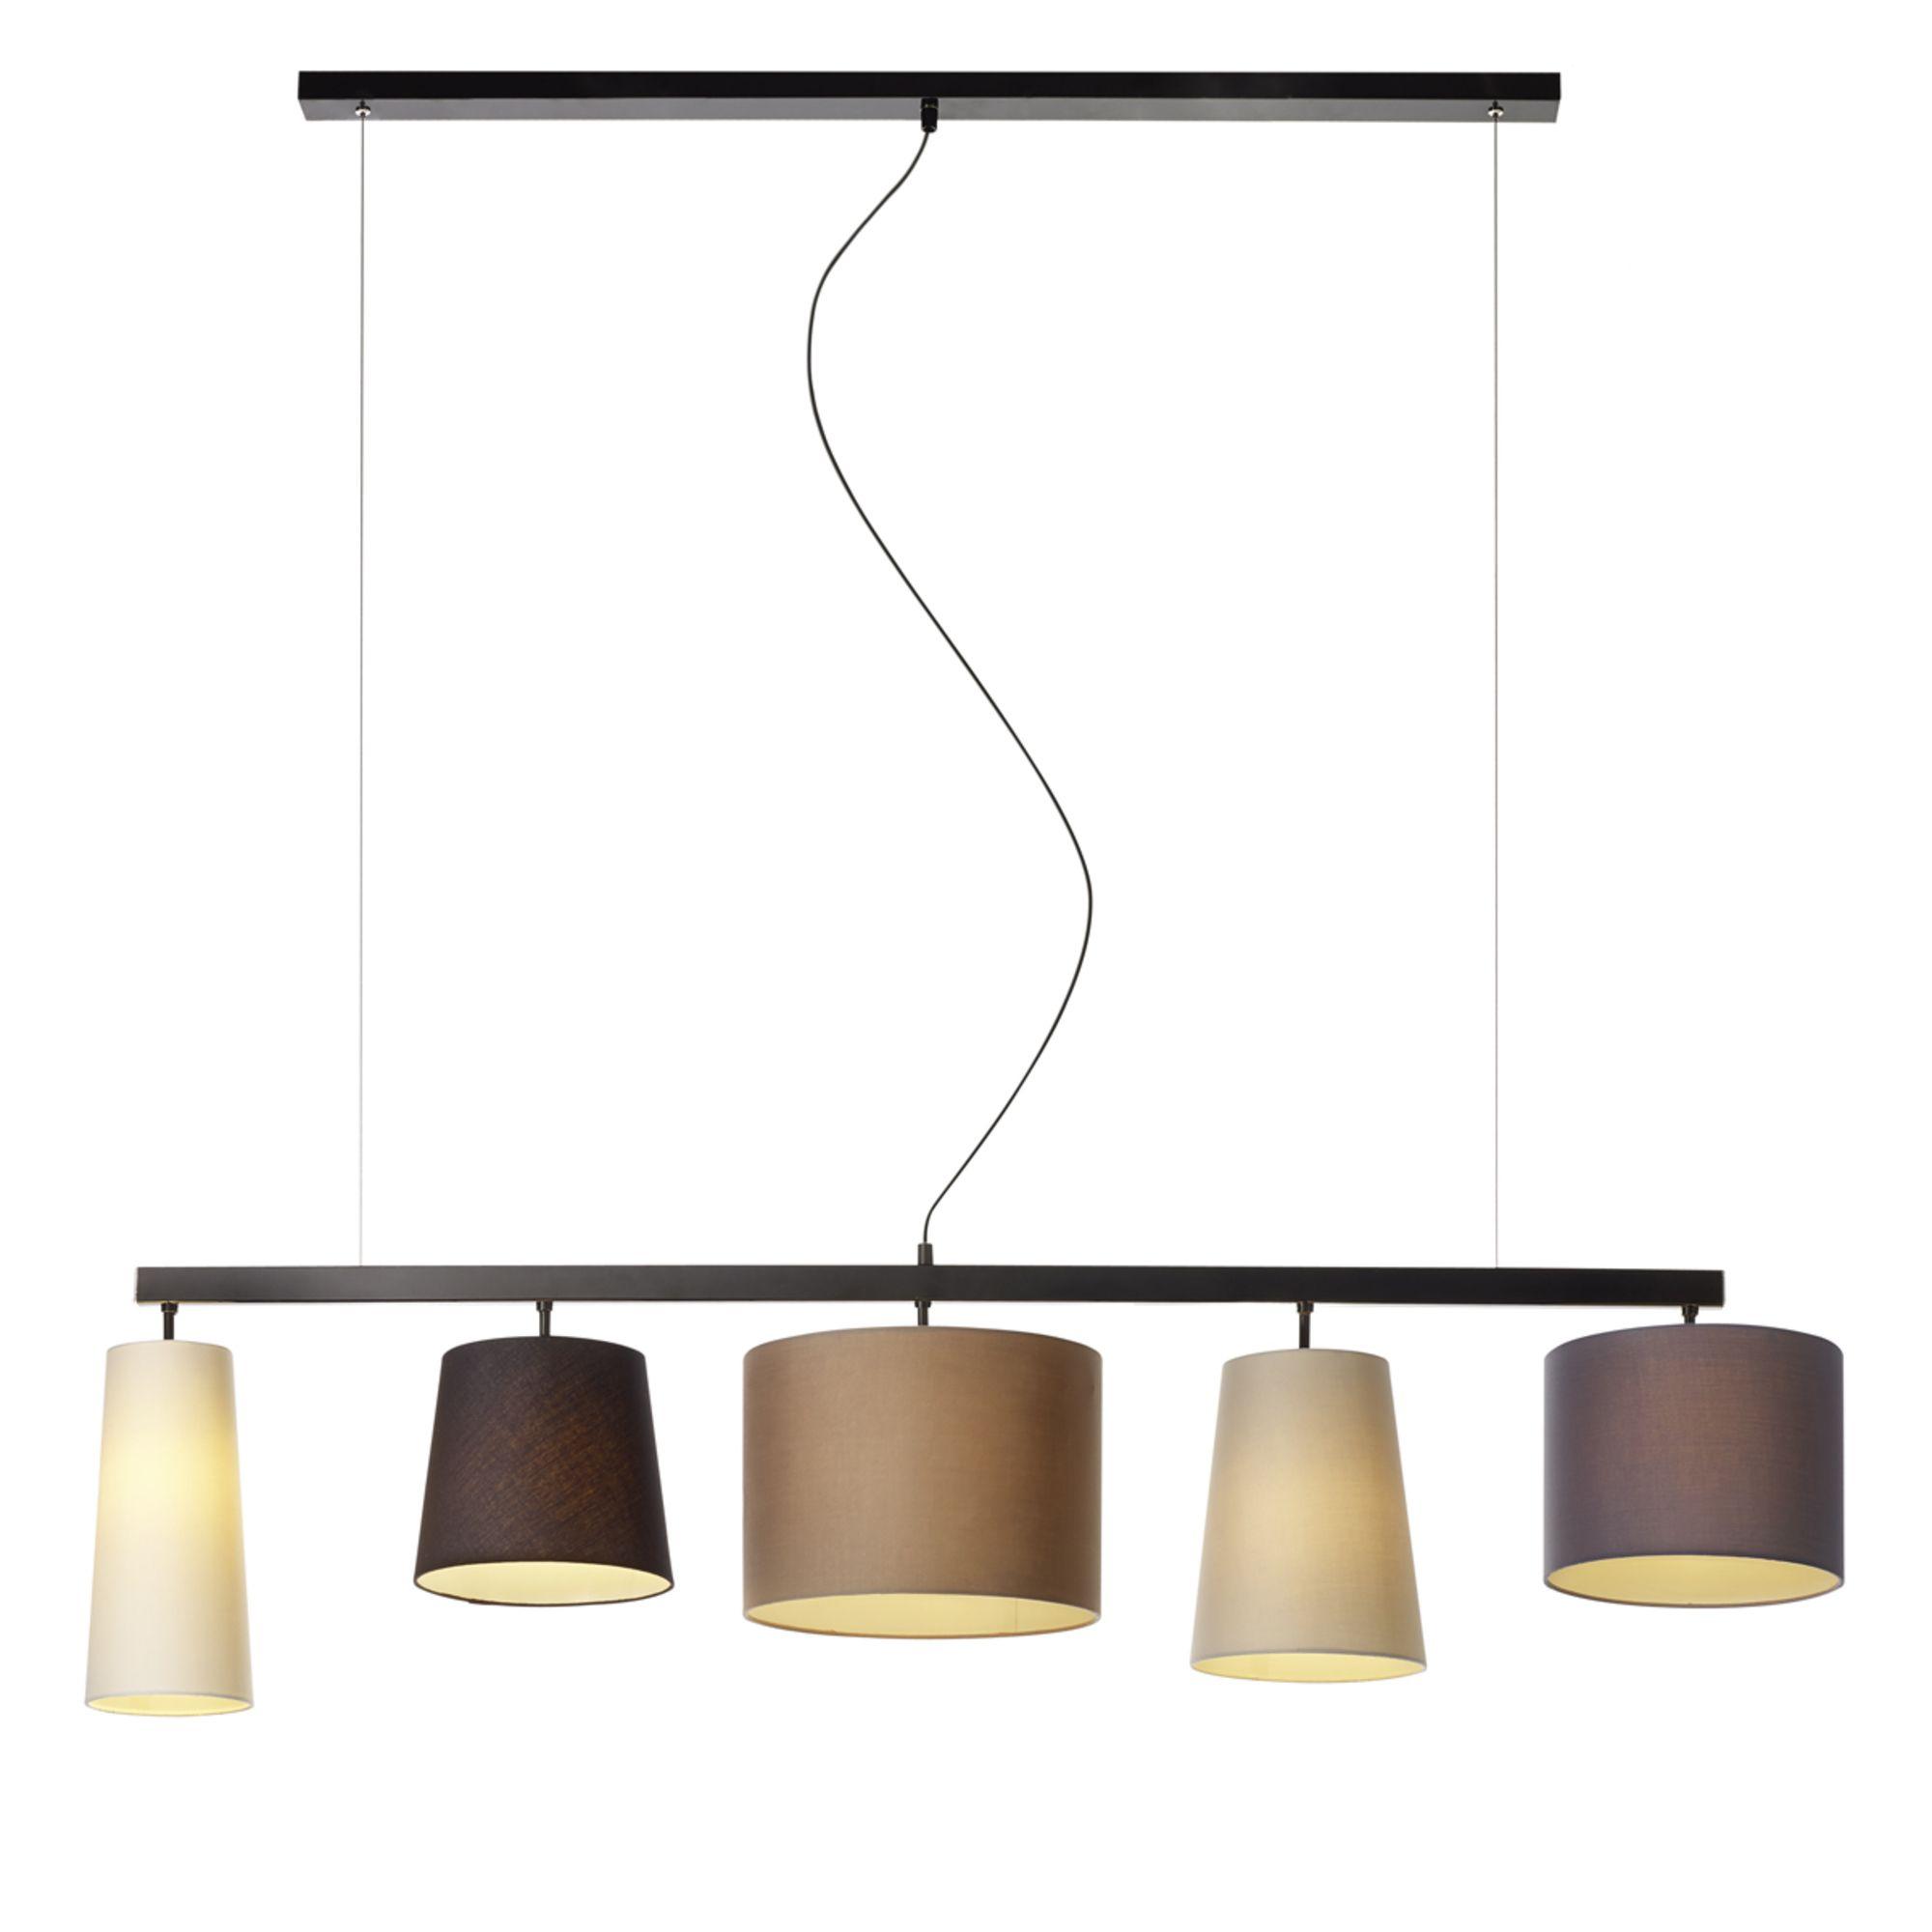 Lampe Mit Mehreren Lampenschirmen : 10 aussergew hnliche lampen stilpalast ~ A.2002-acura-tl-radio.info Haus und Dekorationen